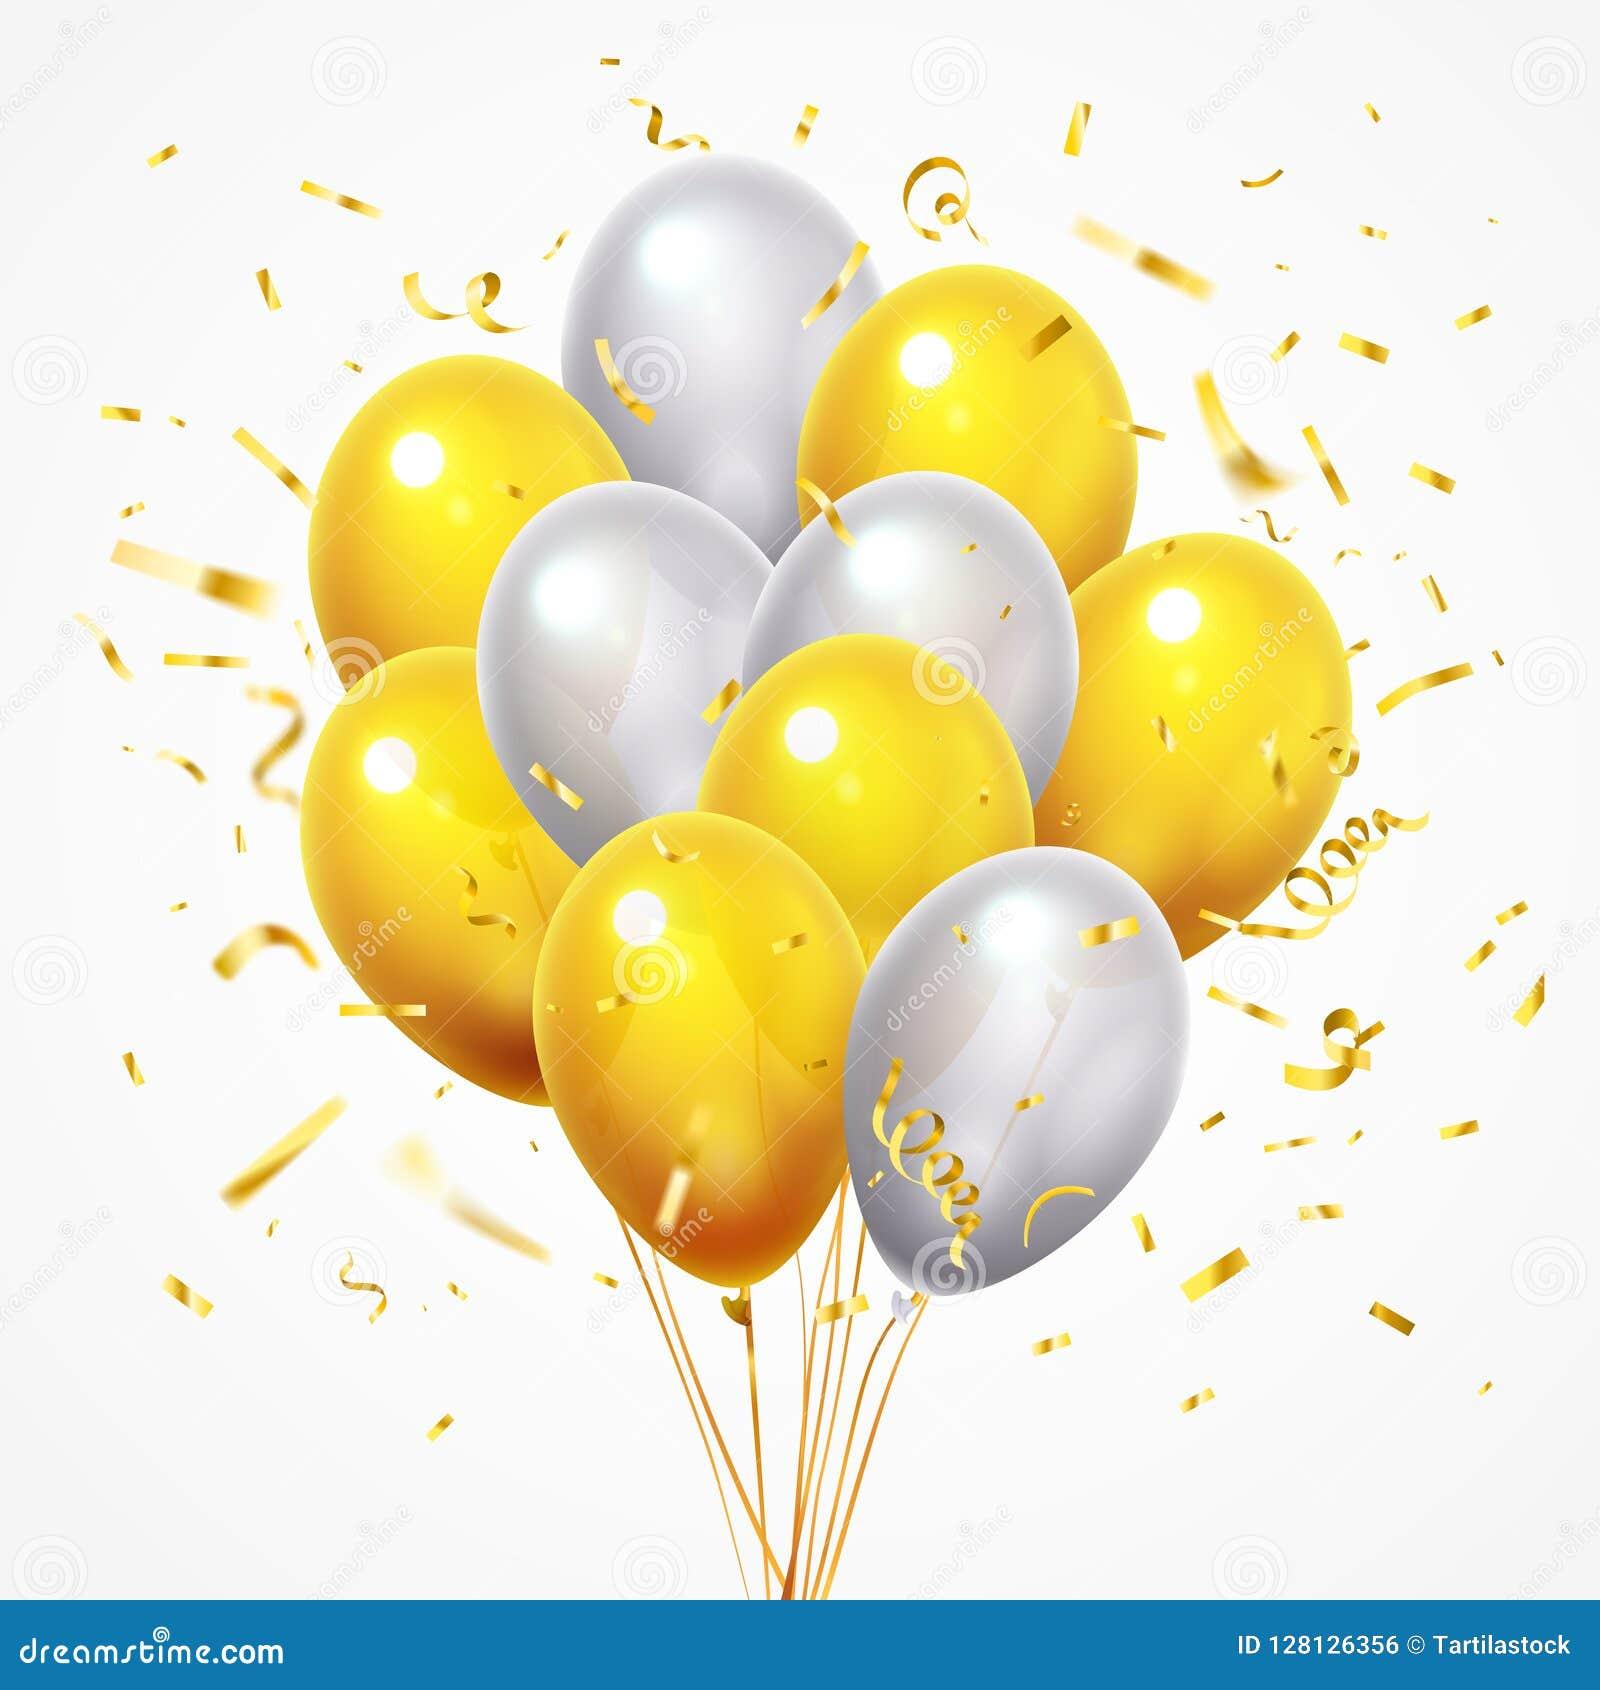 Πετώντας ομάδα μπαλονιών Χρυσό λαμπρό μειωμένο κομφετί, στιλπνό κίτρινο και άσπρο μπαλόνι ηλίου με το χρυσό τρισδιάστατο διάνυσμα